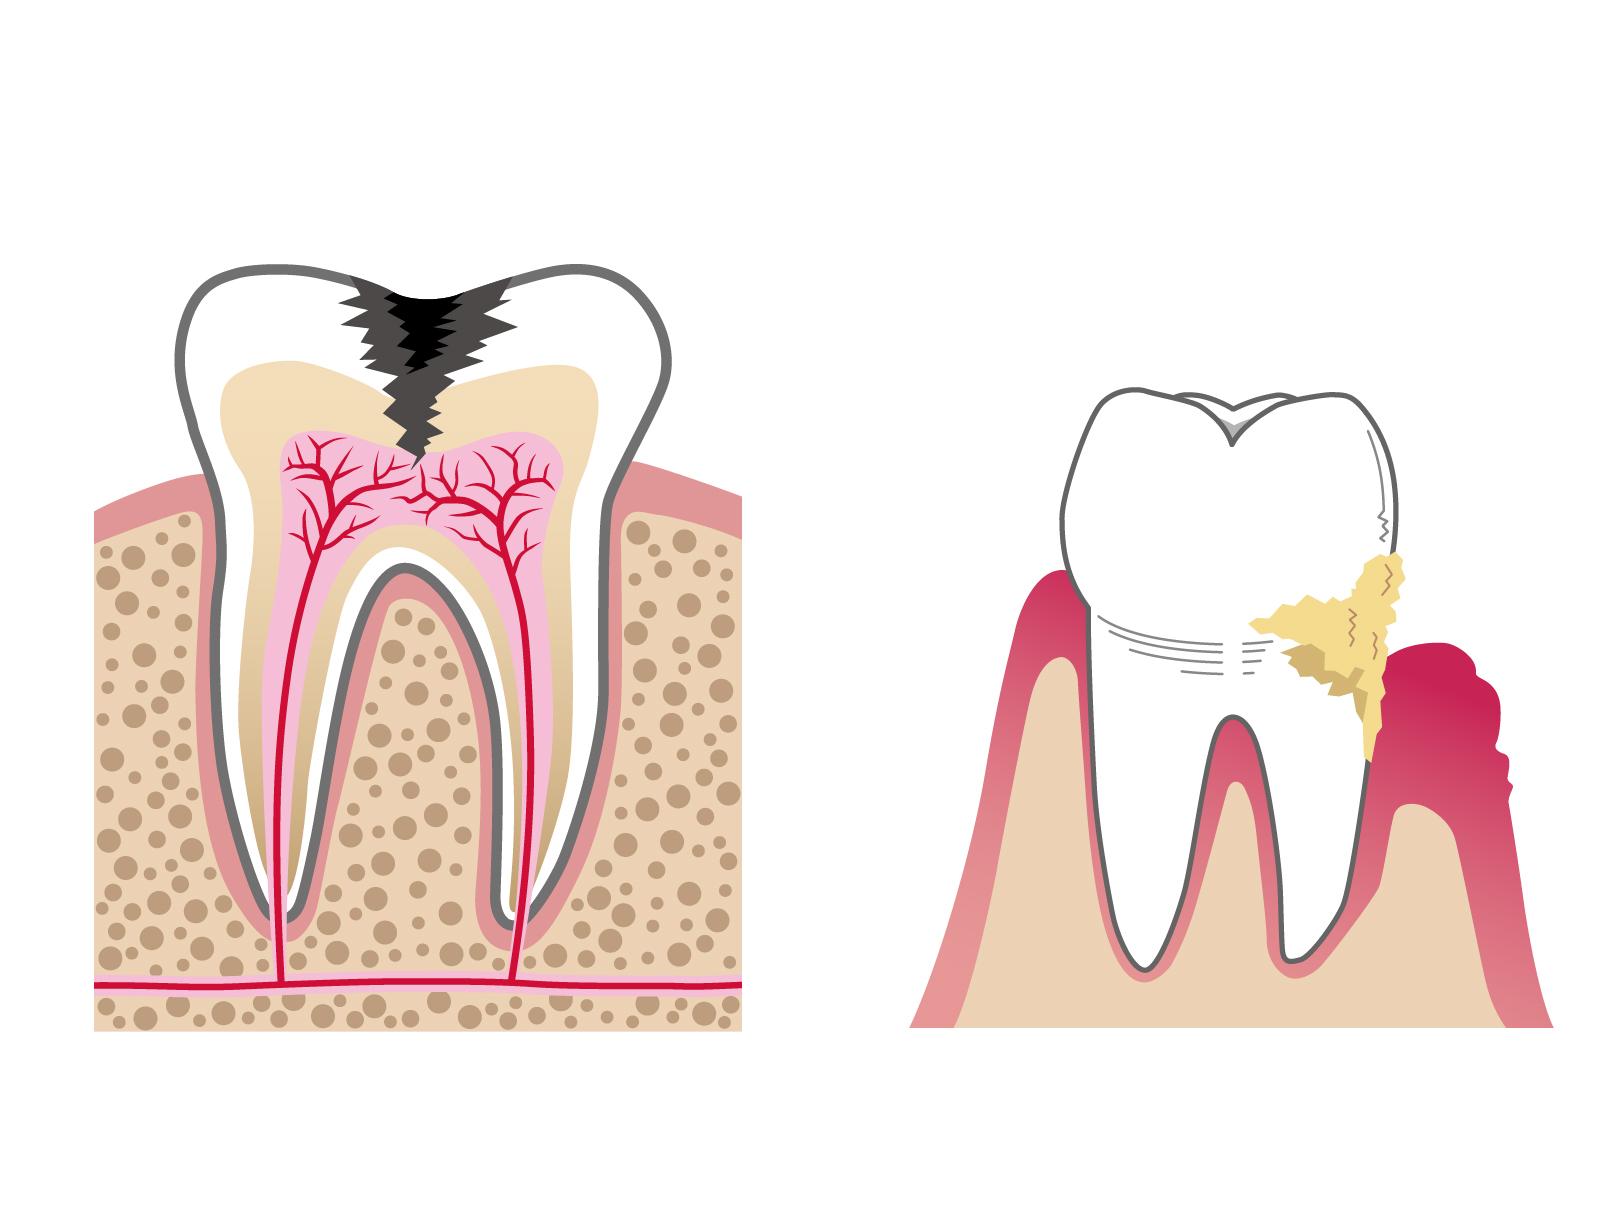 虫歯や歯周病があってもインプラントは可能?